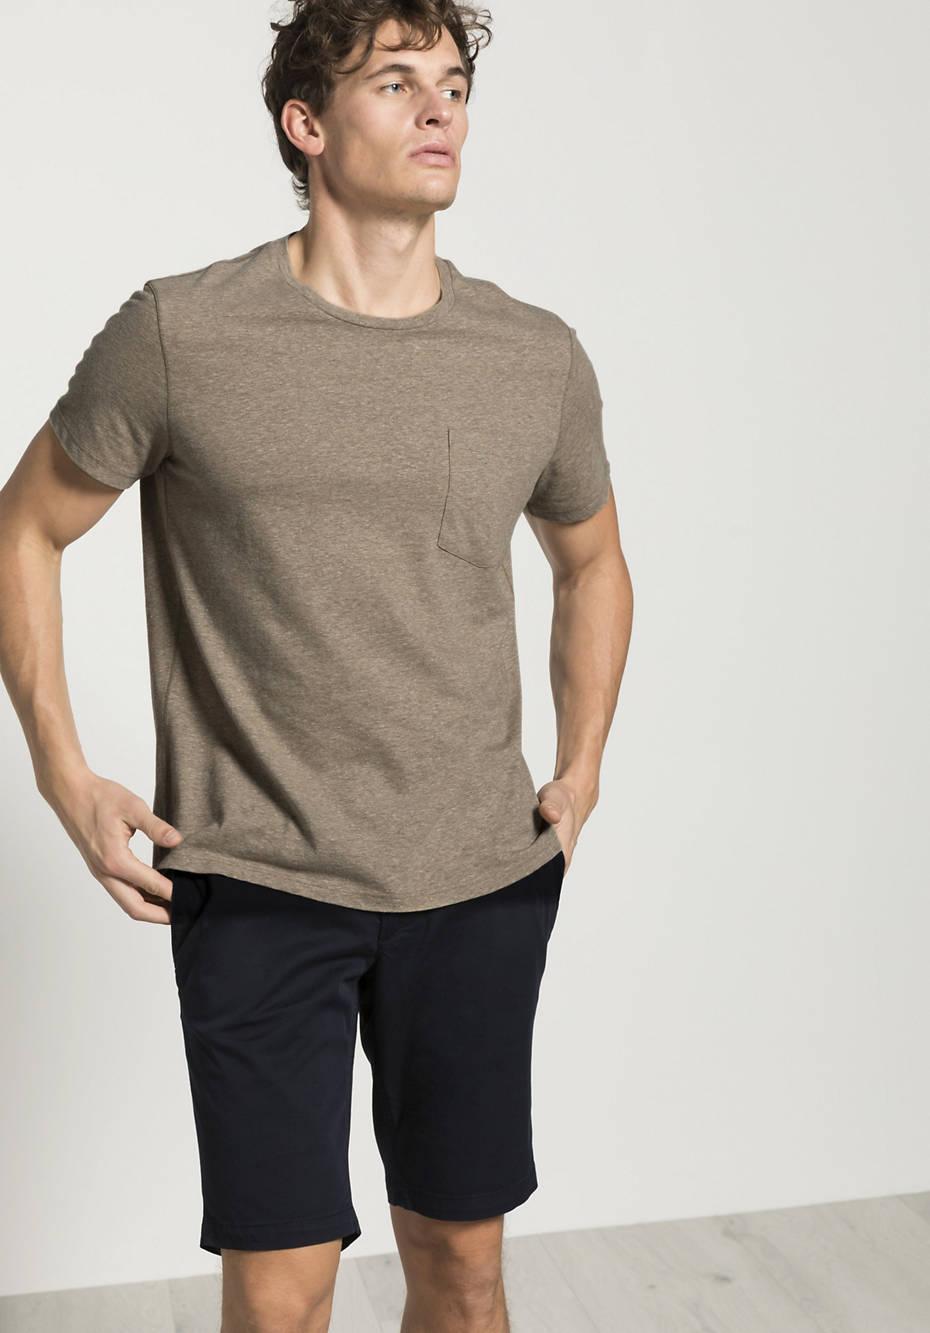 Weites T-Shirt mit Bio-Baumwolle mit Leinen